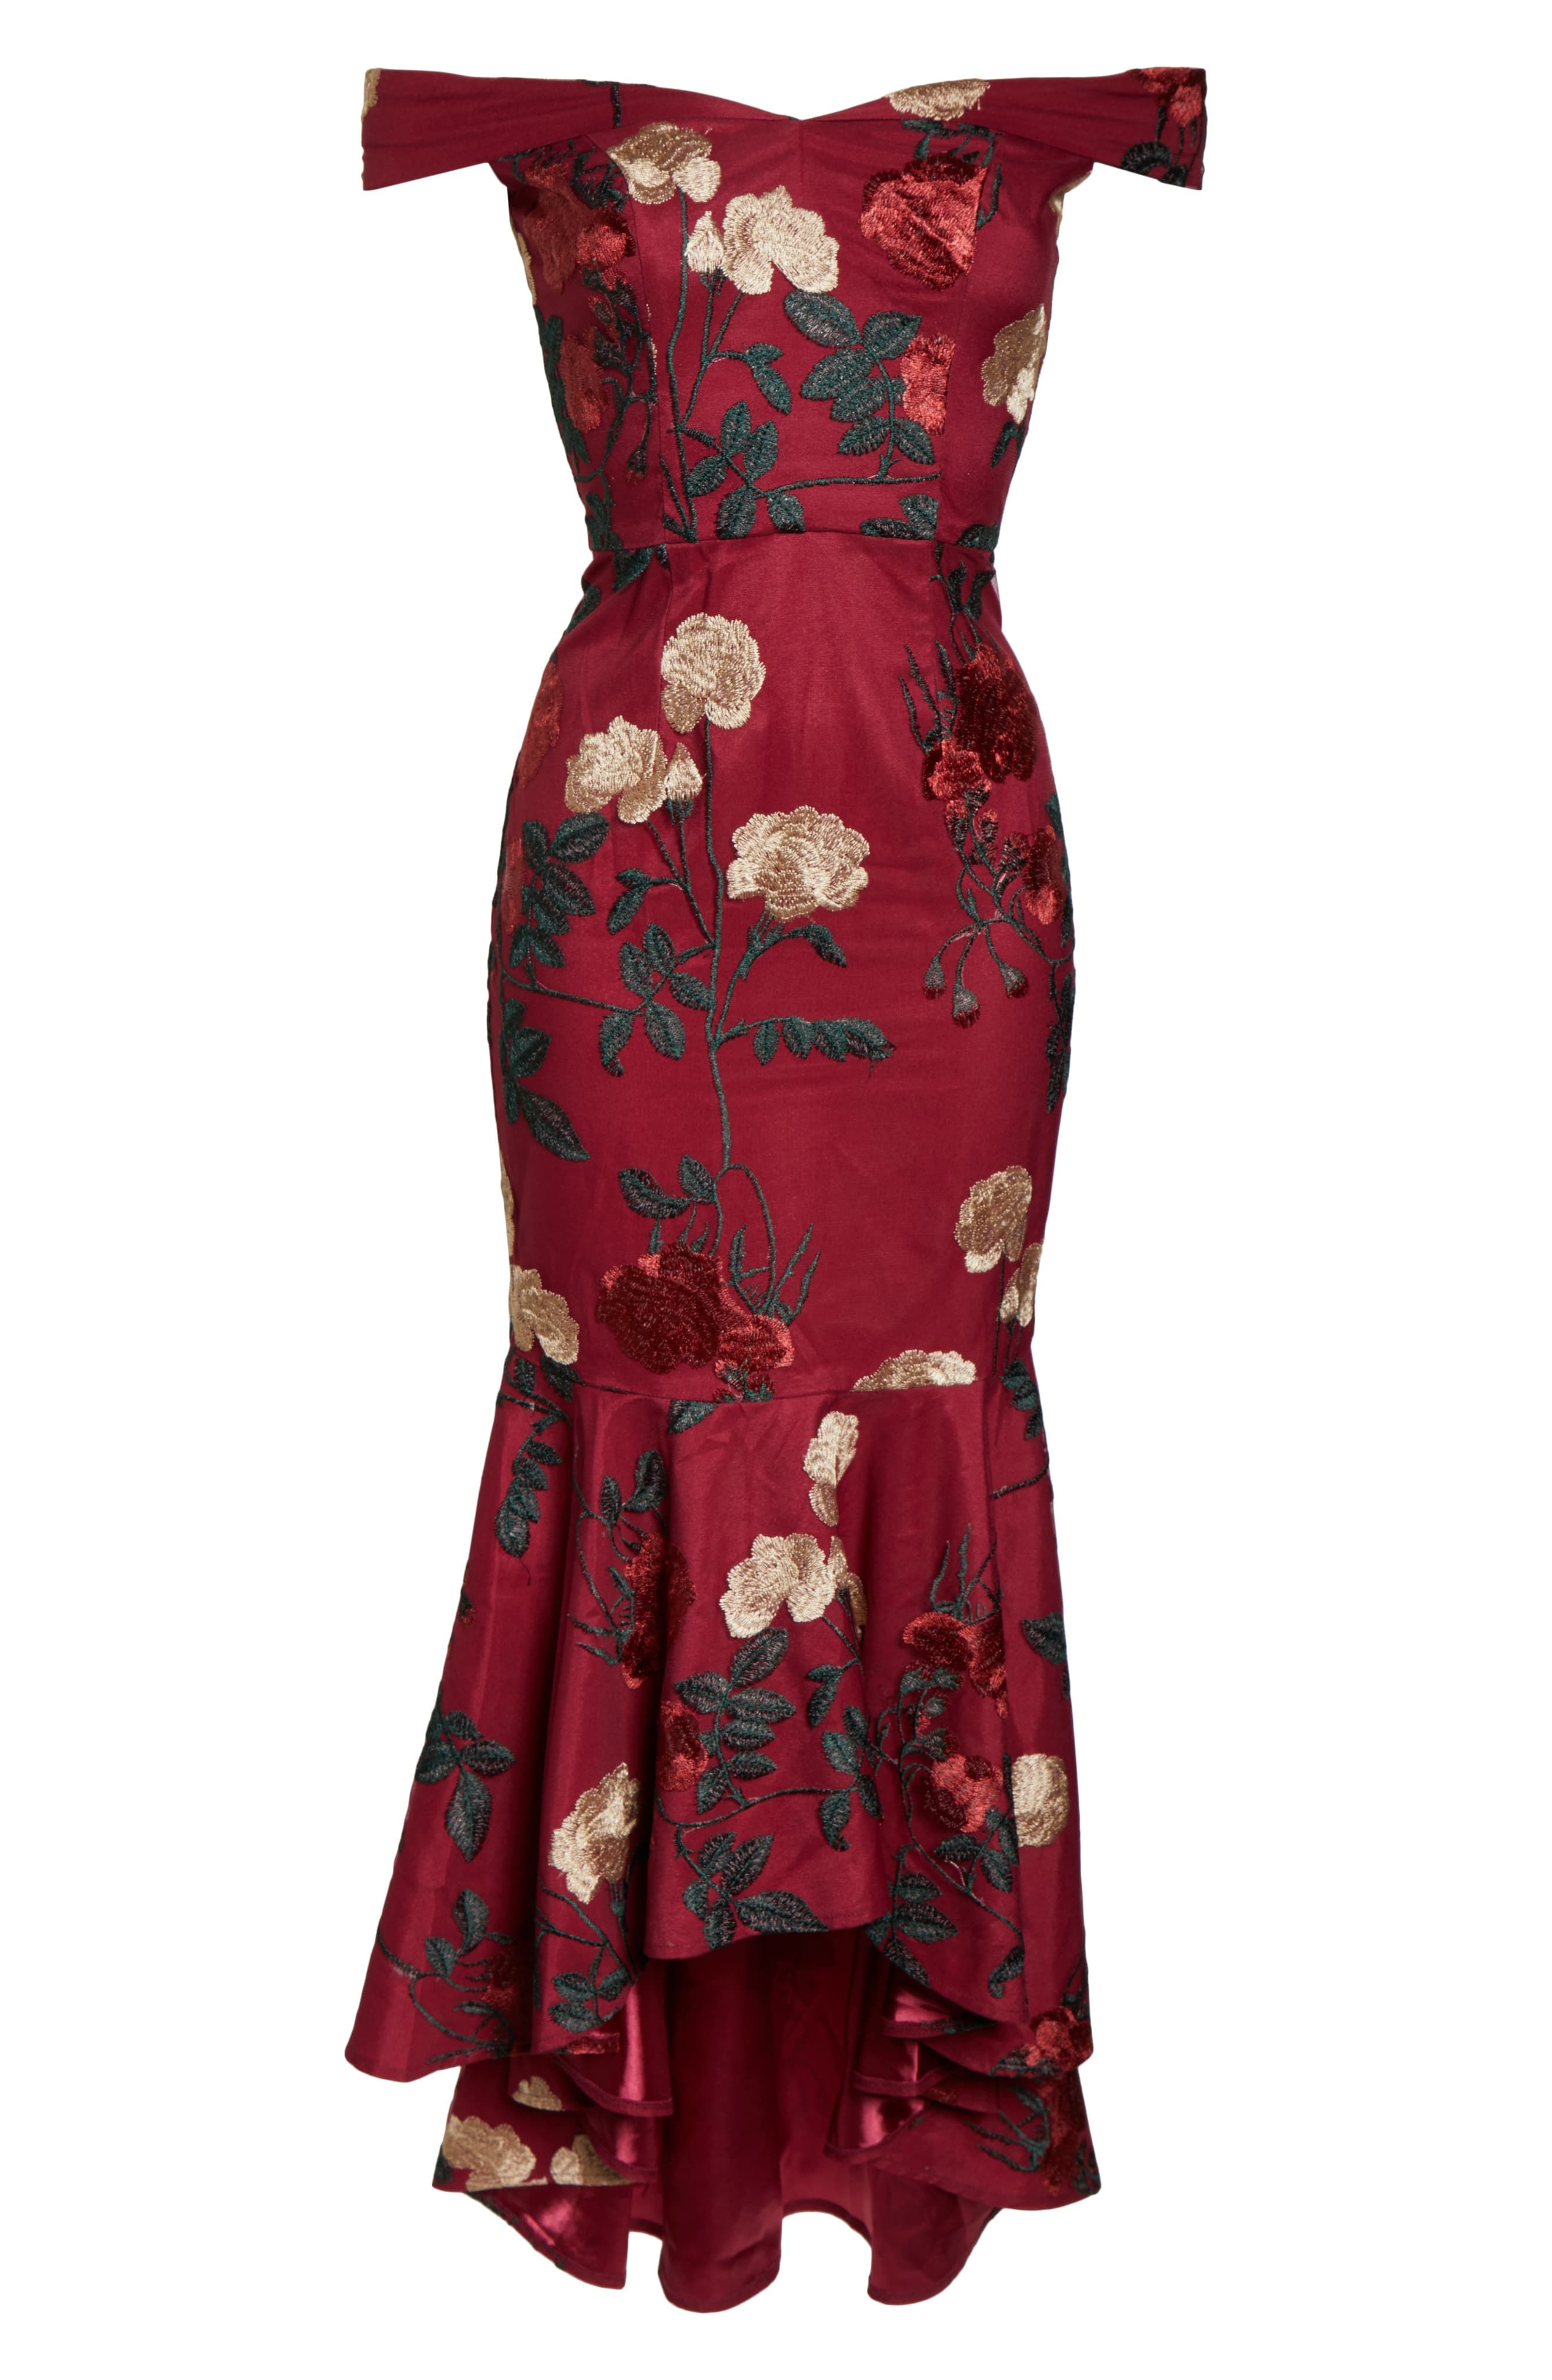 5caf979069 22 Elegant Fall Wedding Guest Dresses 2019